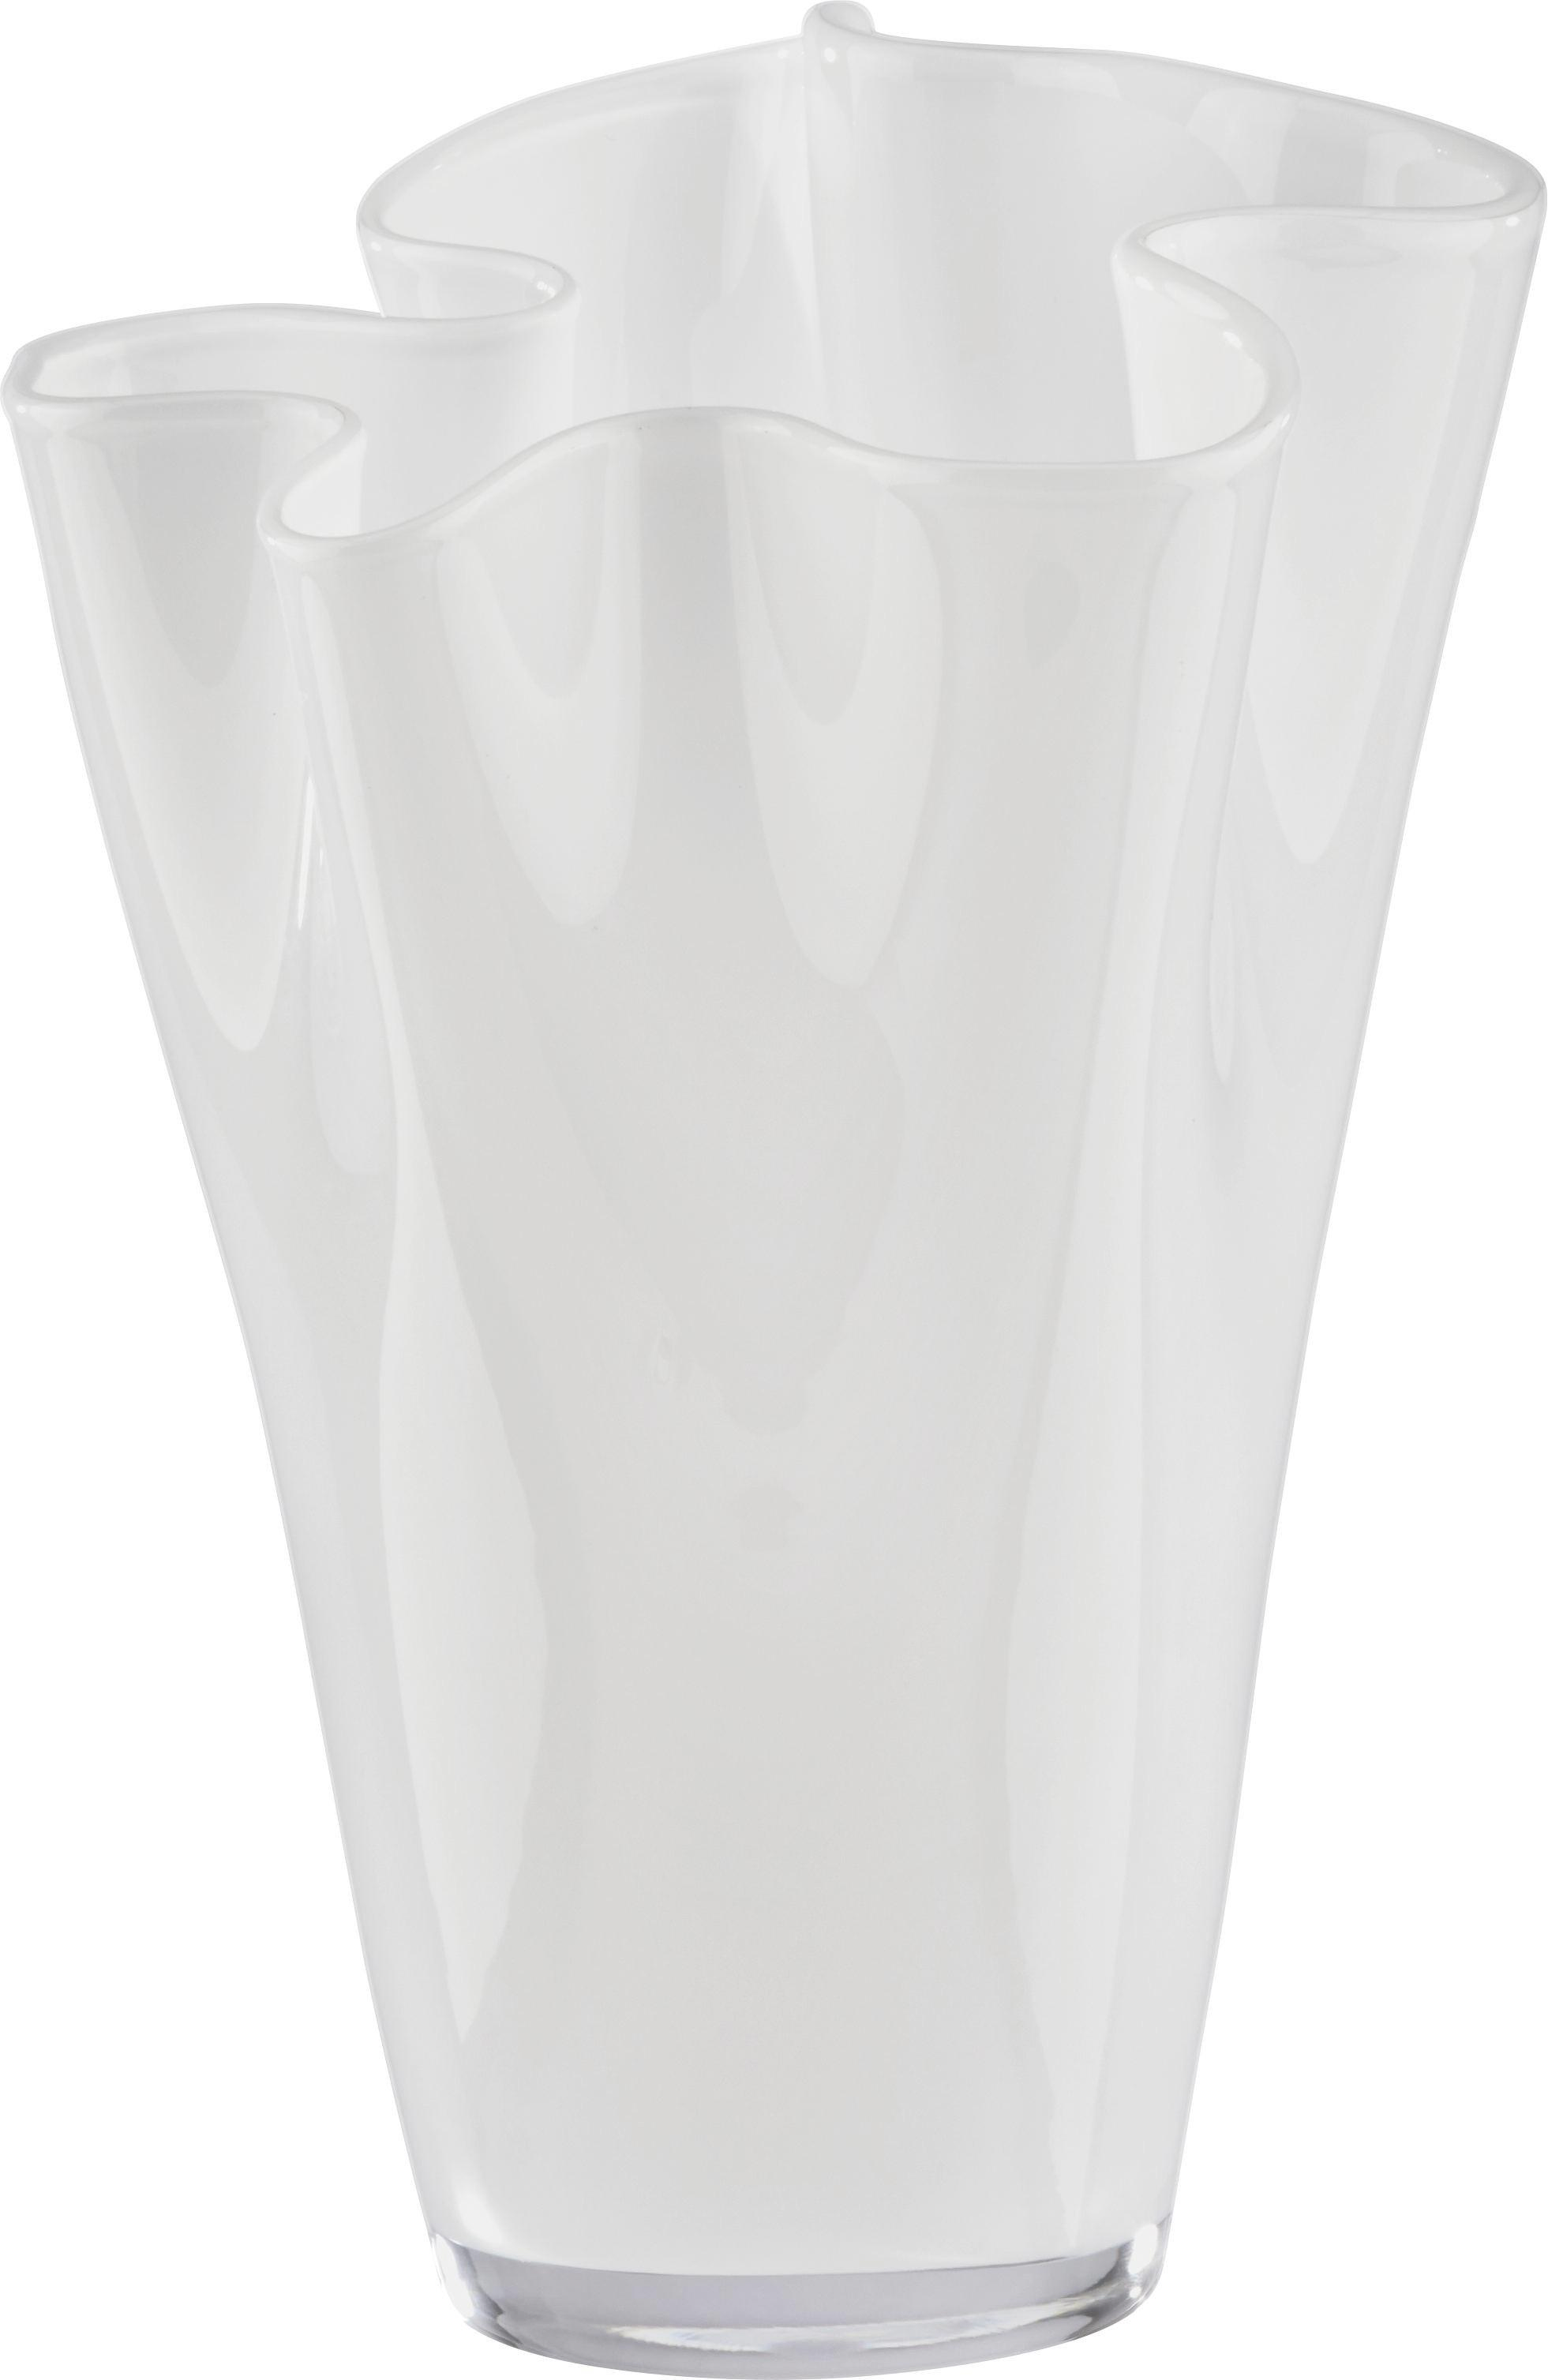 Váza Anika - fehér, modern, üveg (18/25cm) - MÖMAX modern living